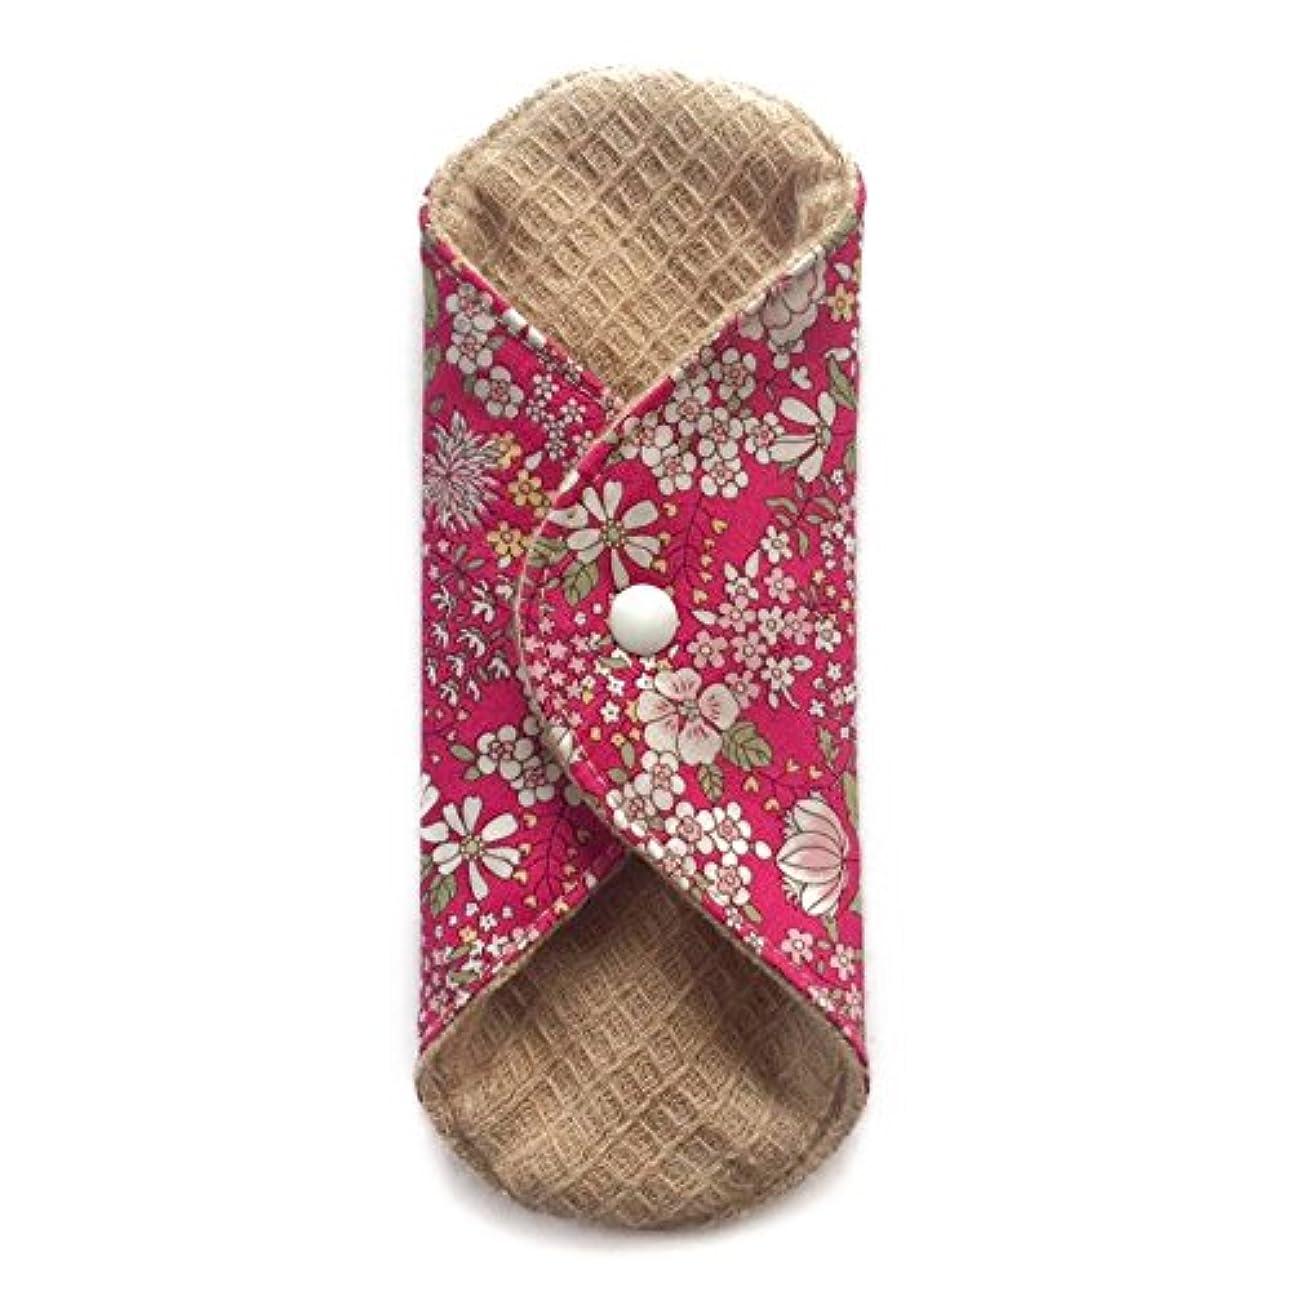 シャーユニークなビーズ華布のオーガニックコットンの極み あたため布 Sサイズ (約13×約13×約0.6cm) 雅(ローズ)